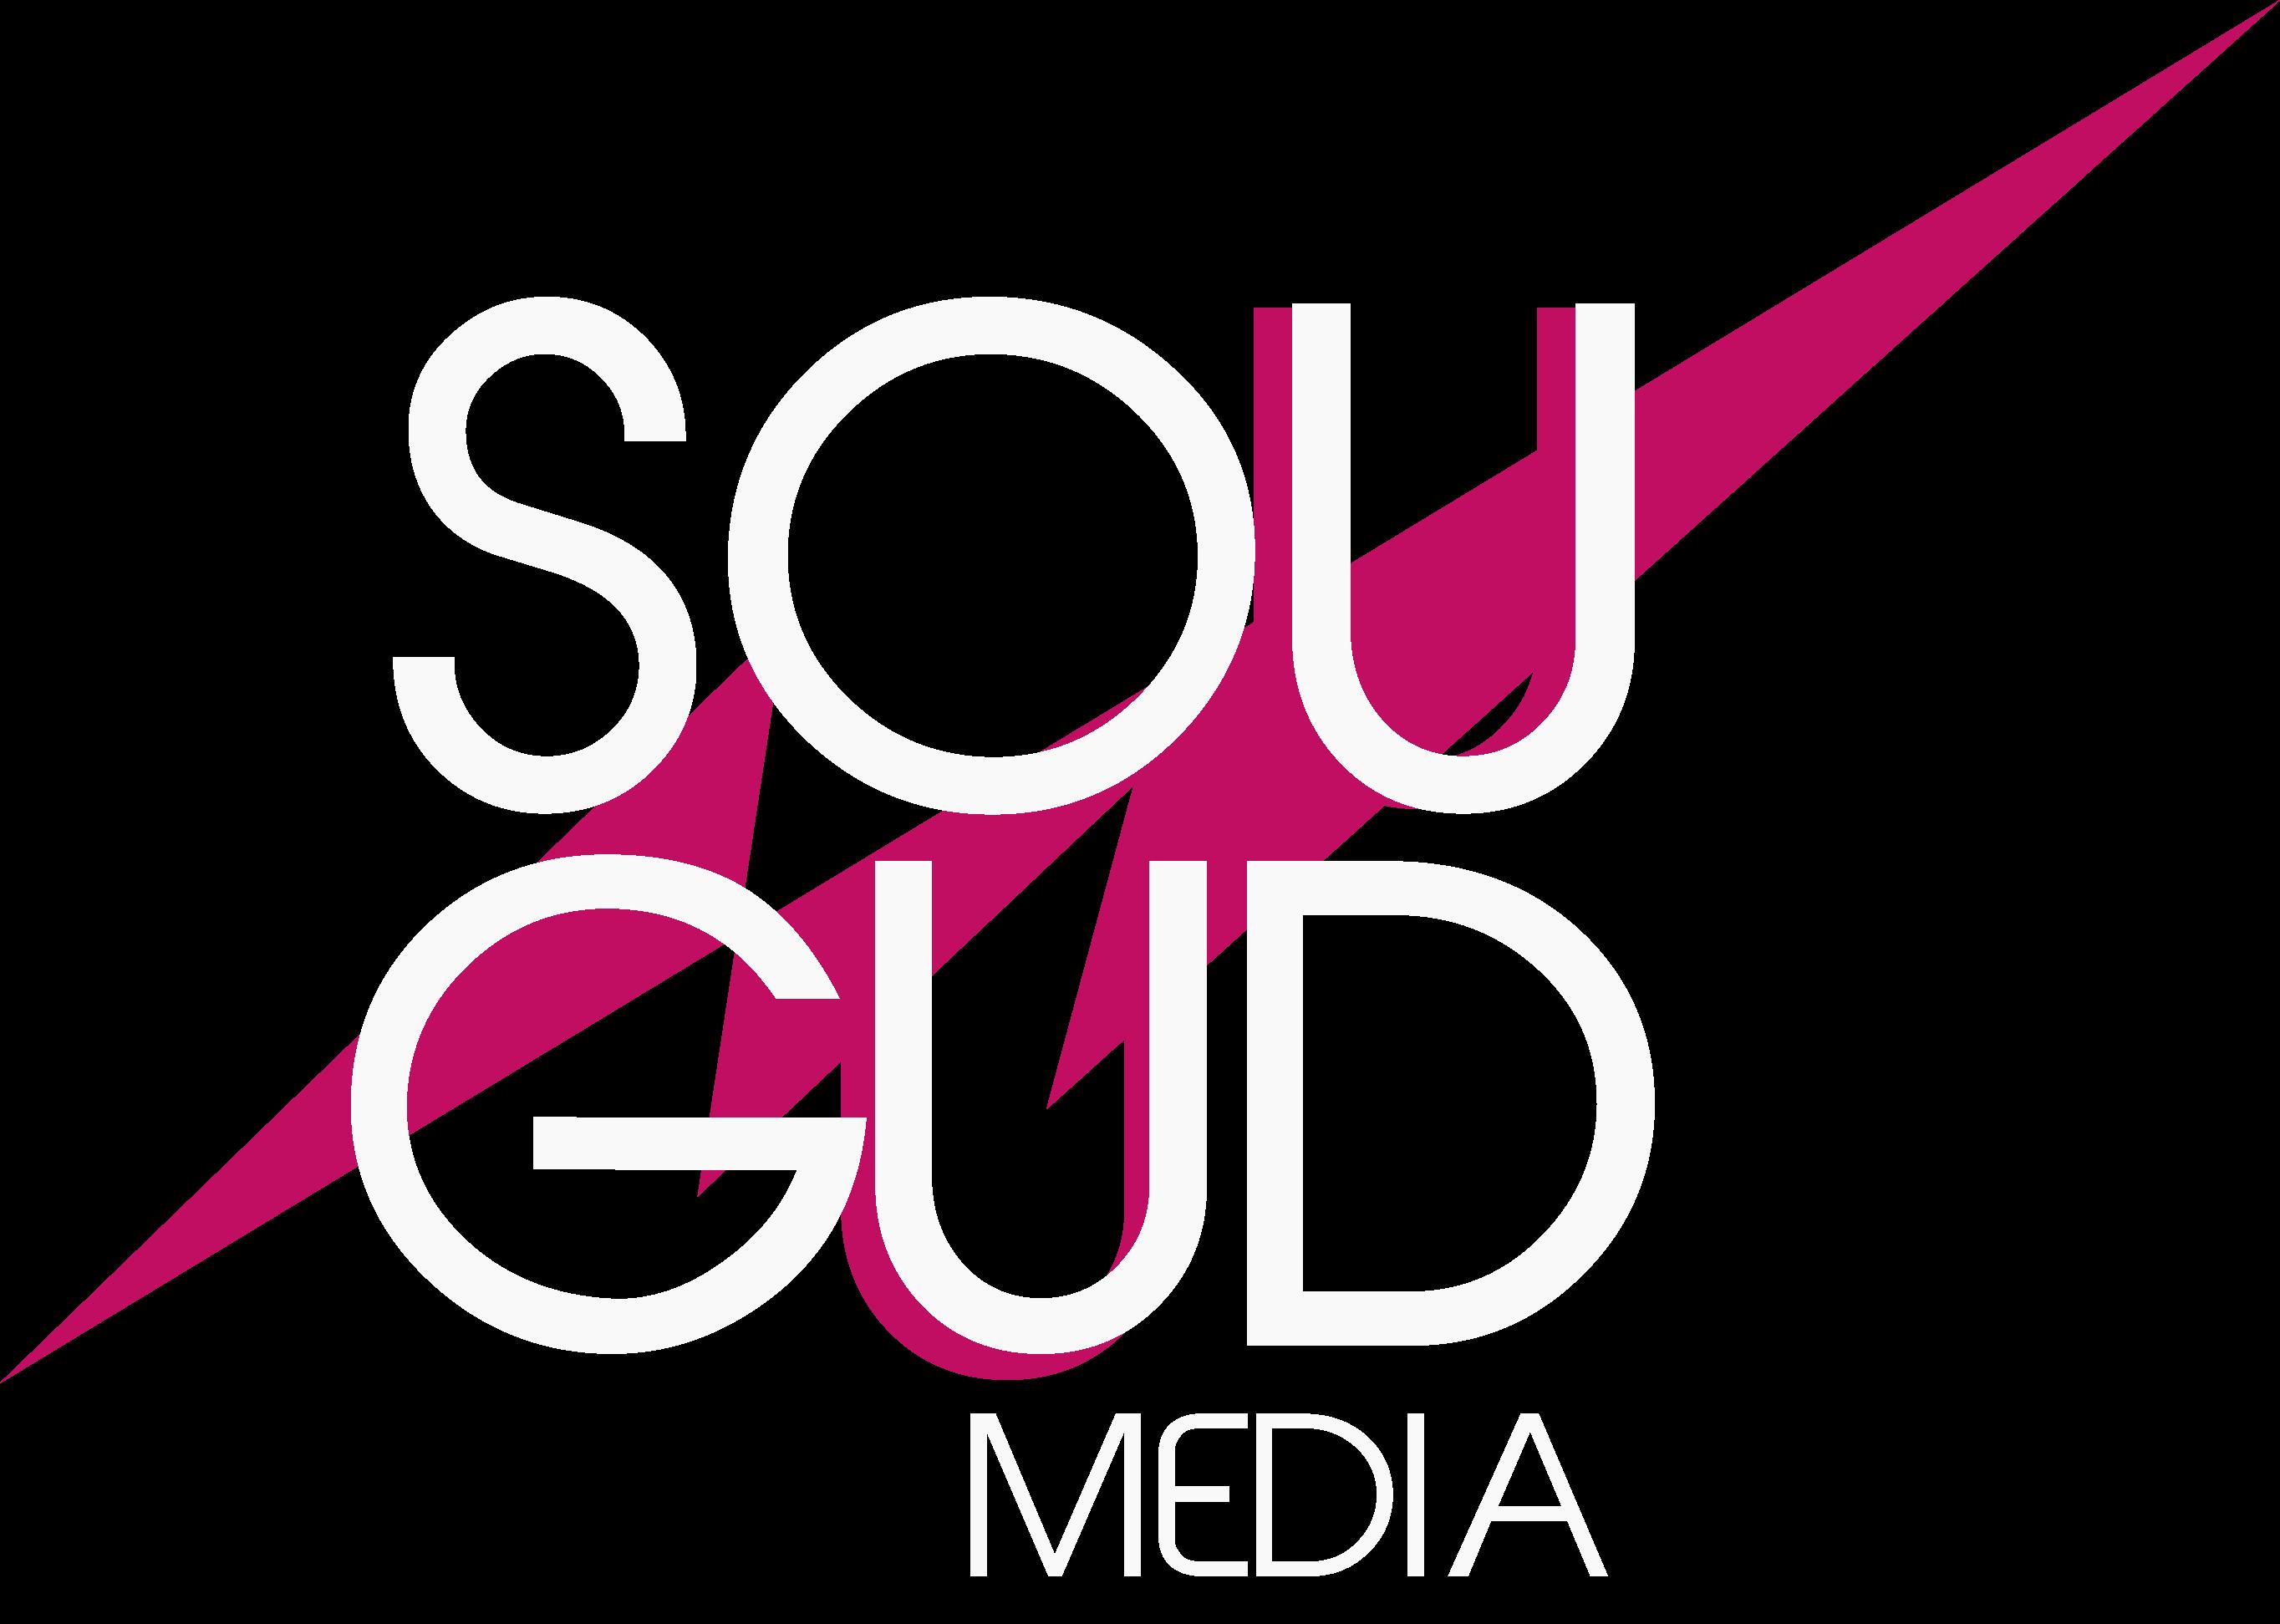 SouGud Media